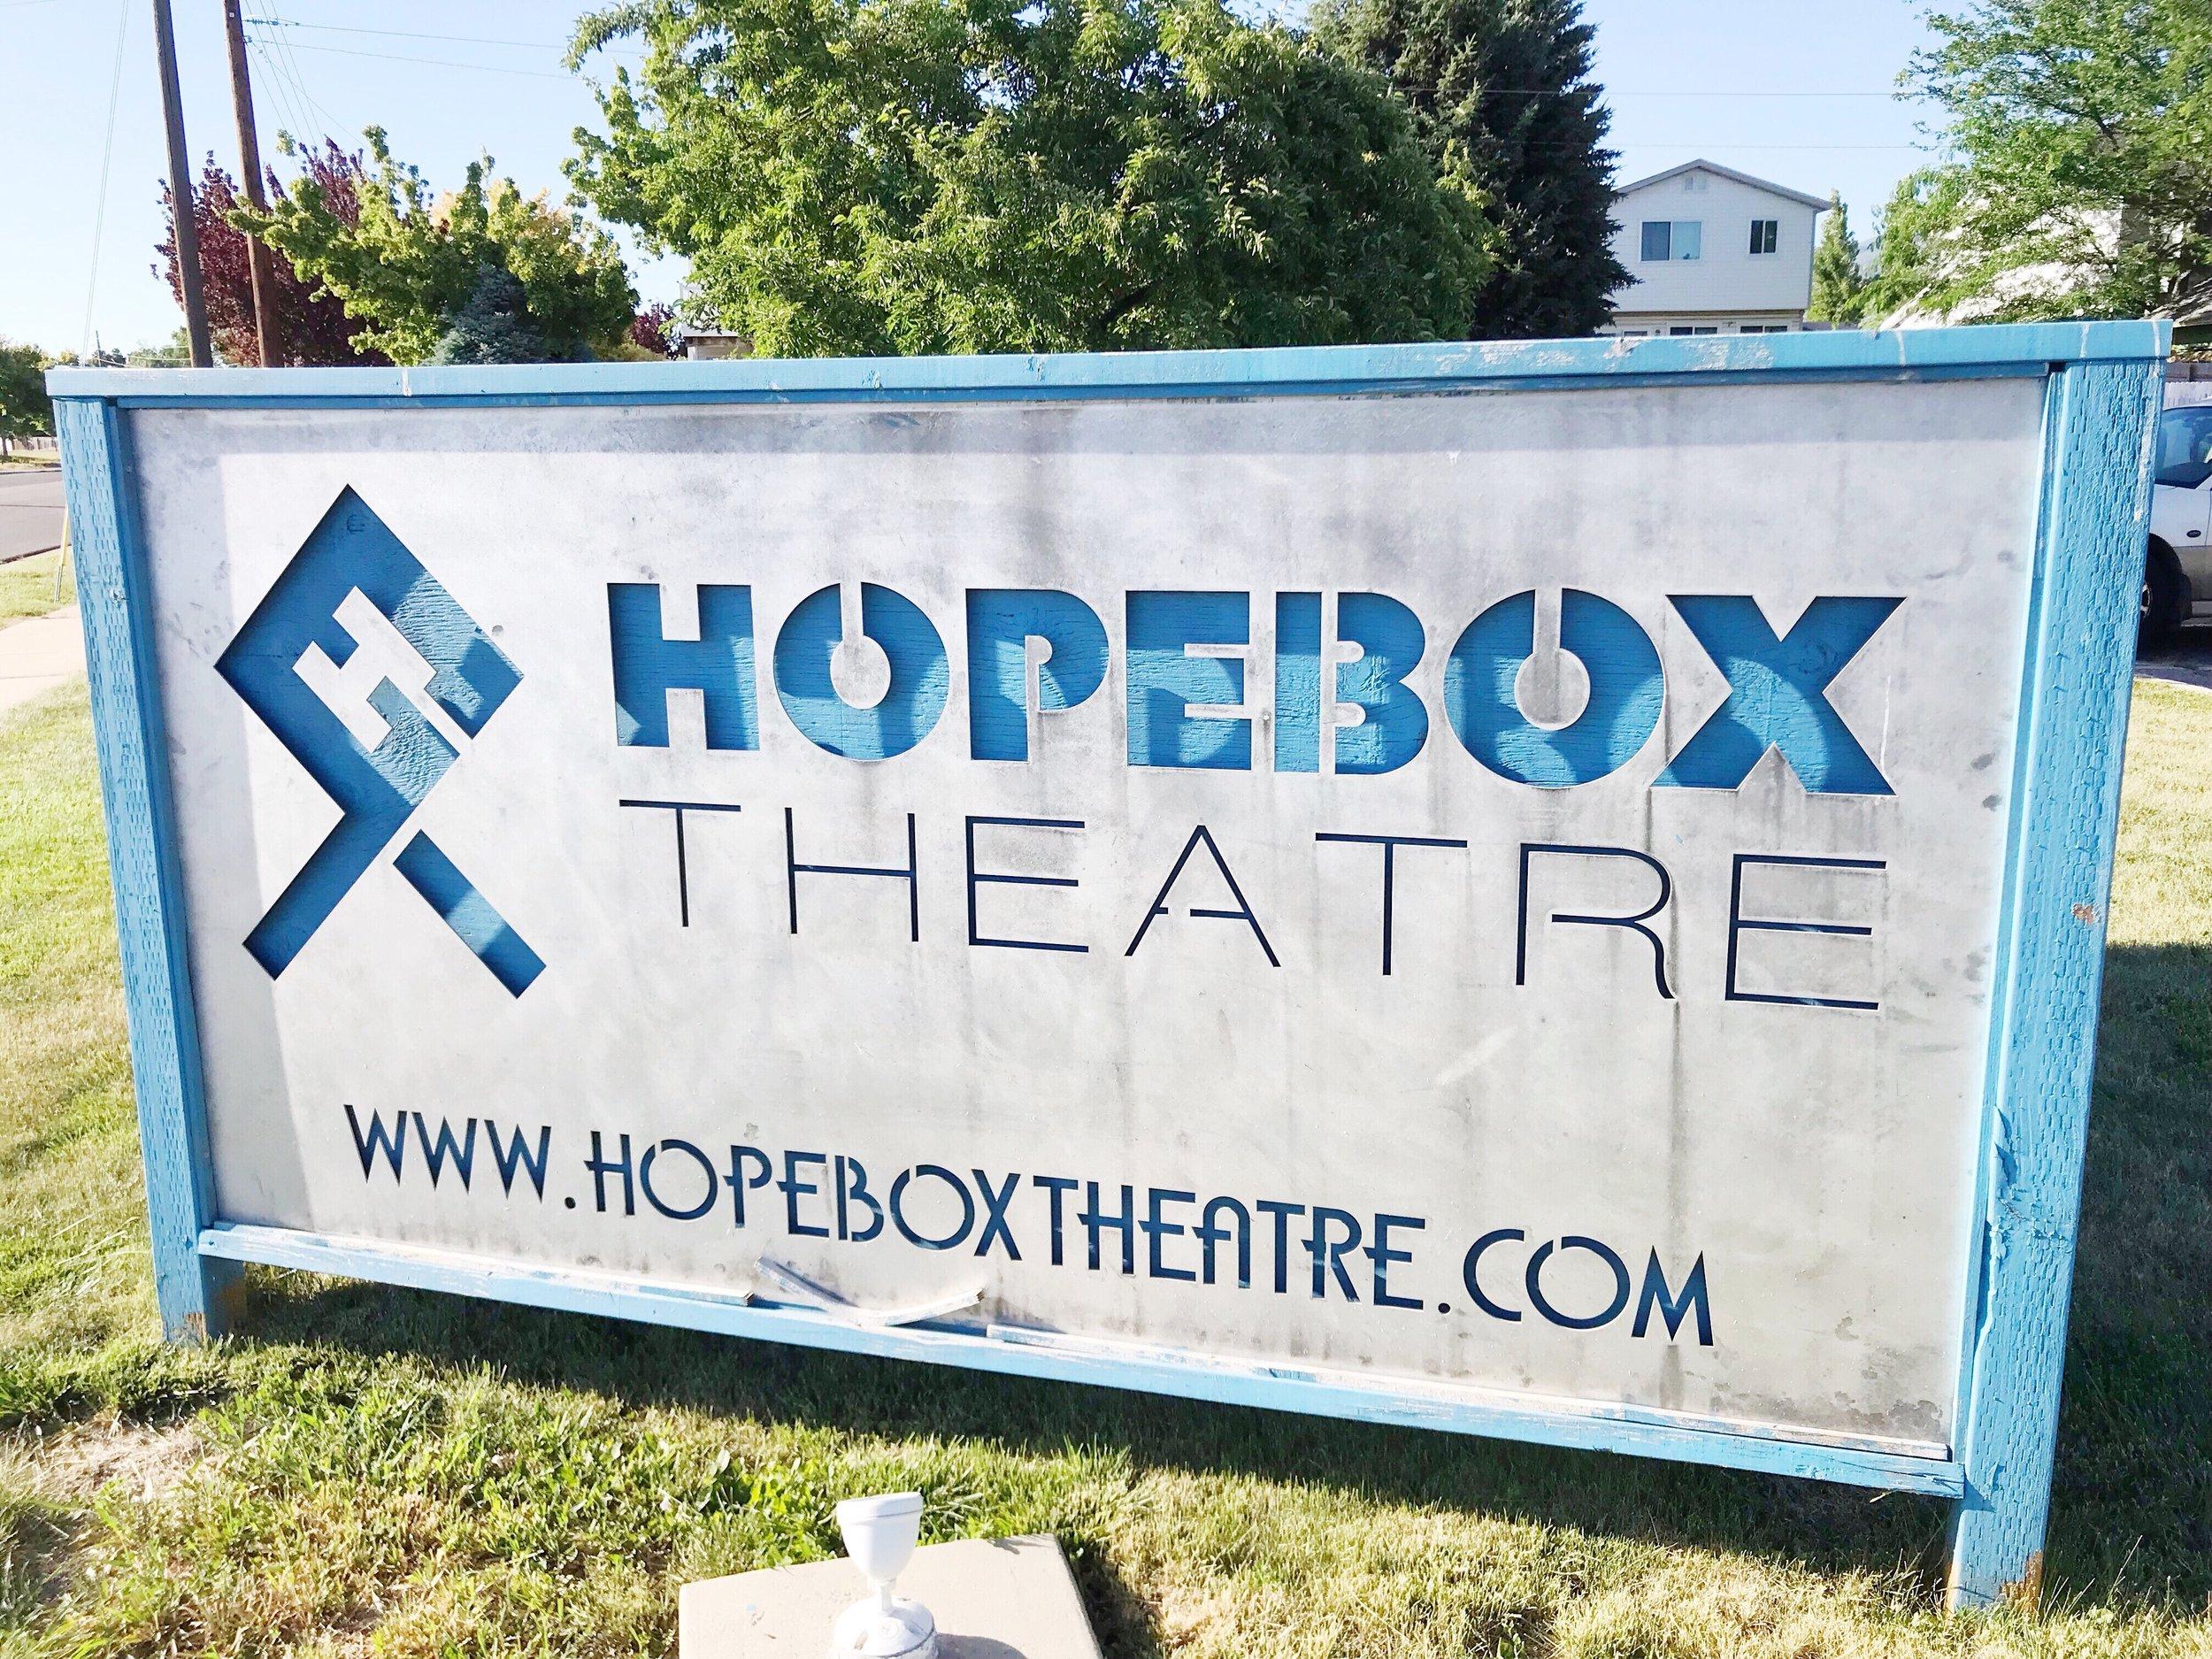 hopebox theatre